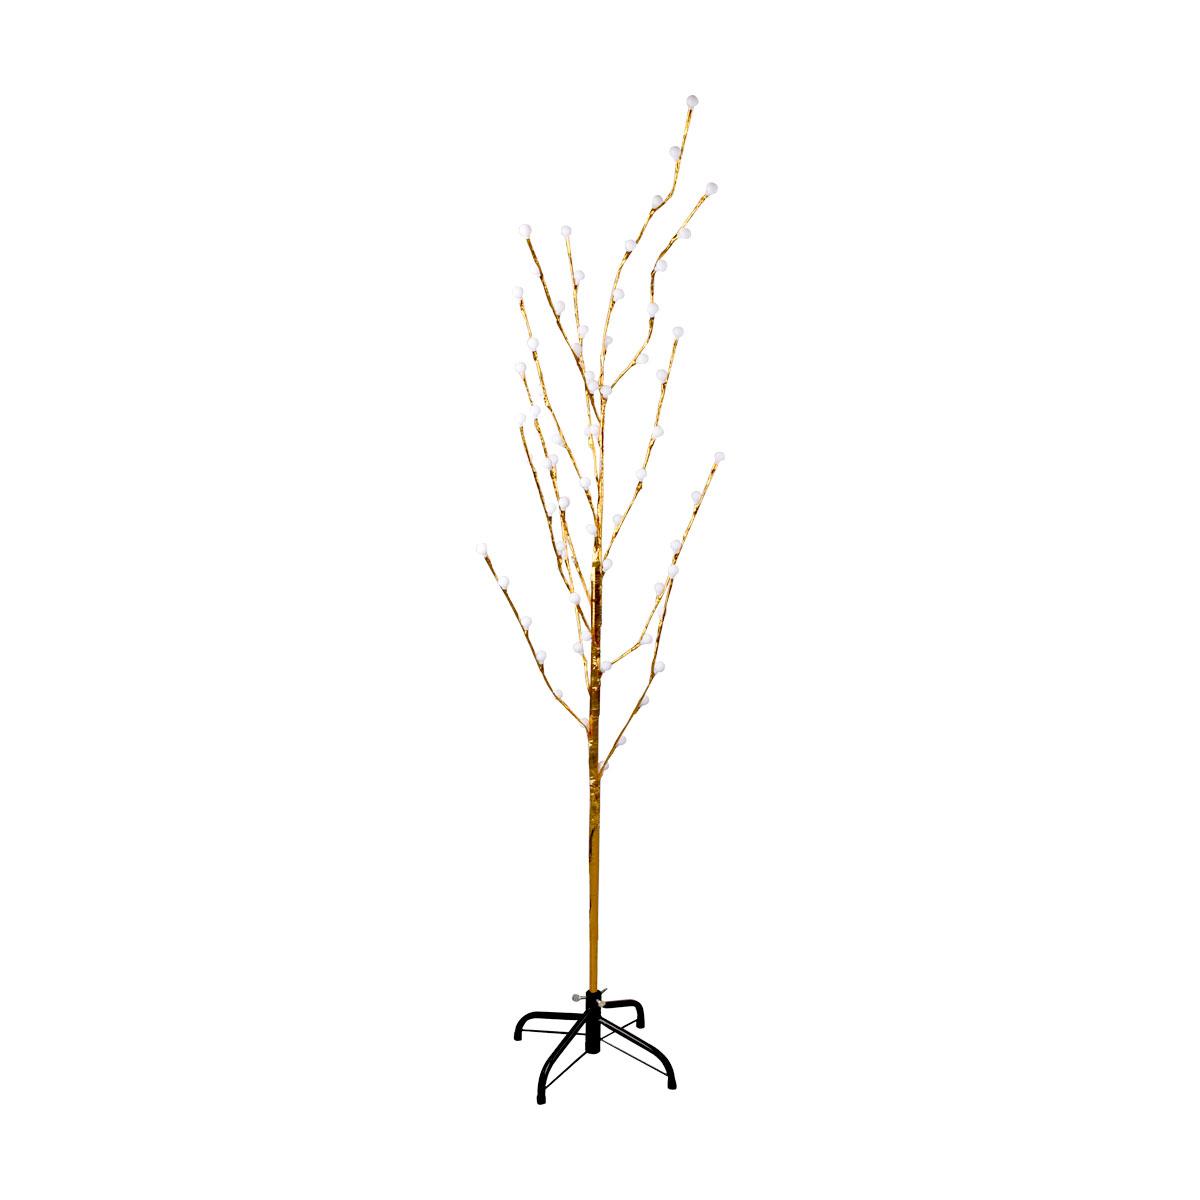 شجرة الزينة المضيئة الكهربائية - اضاءة صفراء - 220 فولت - رقم MM-495